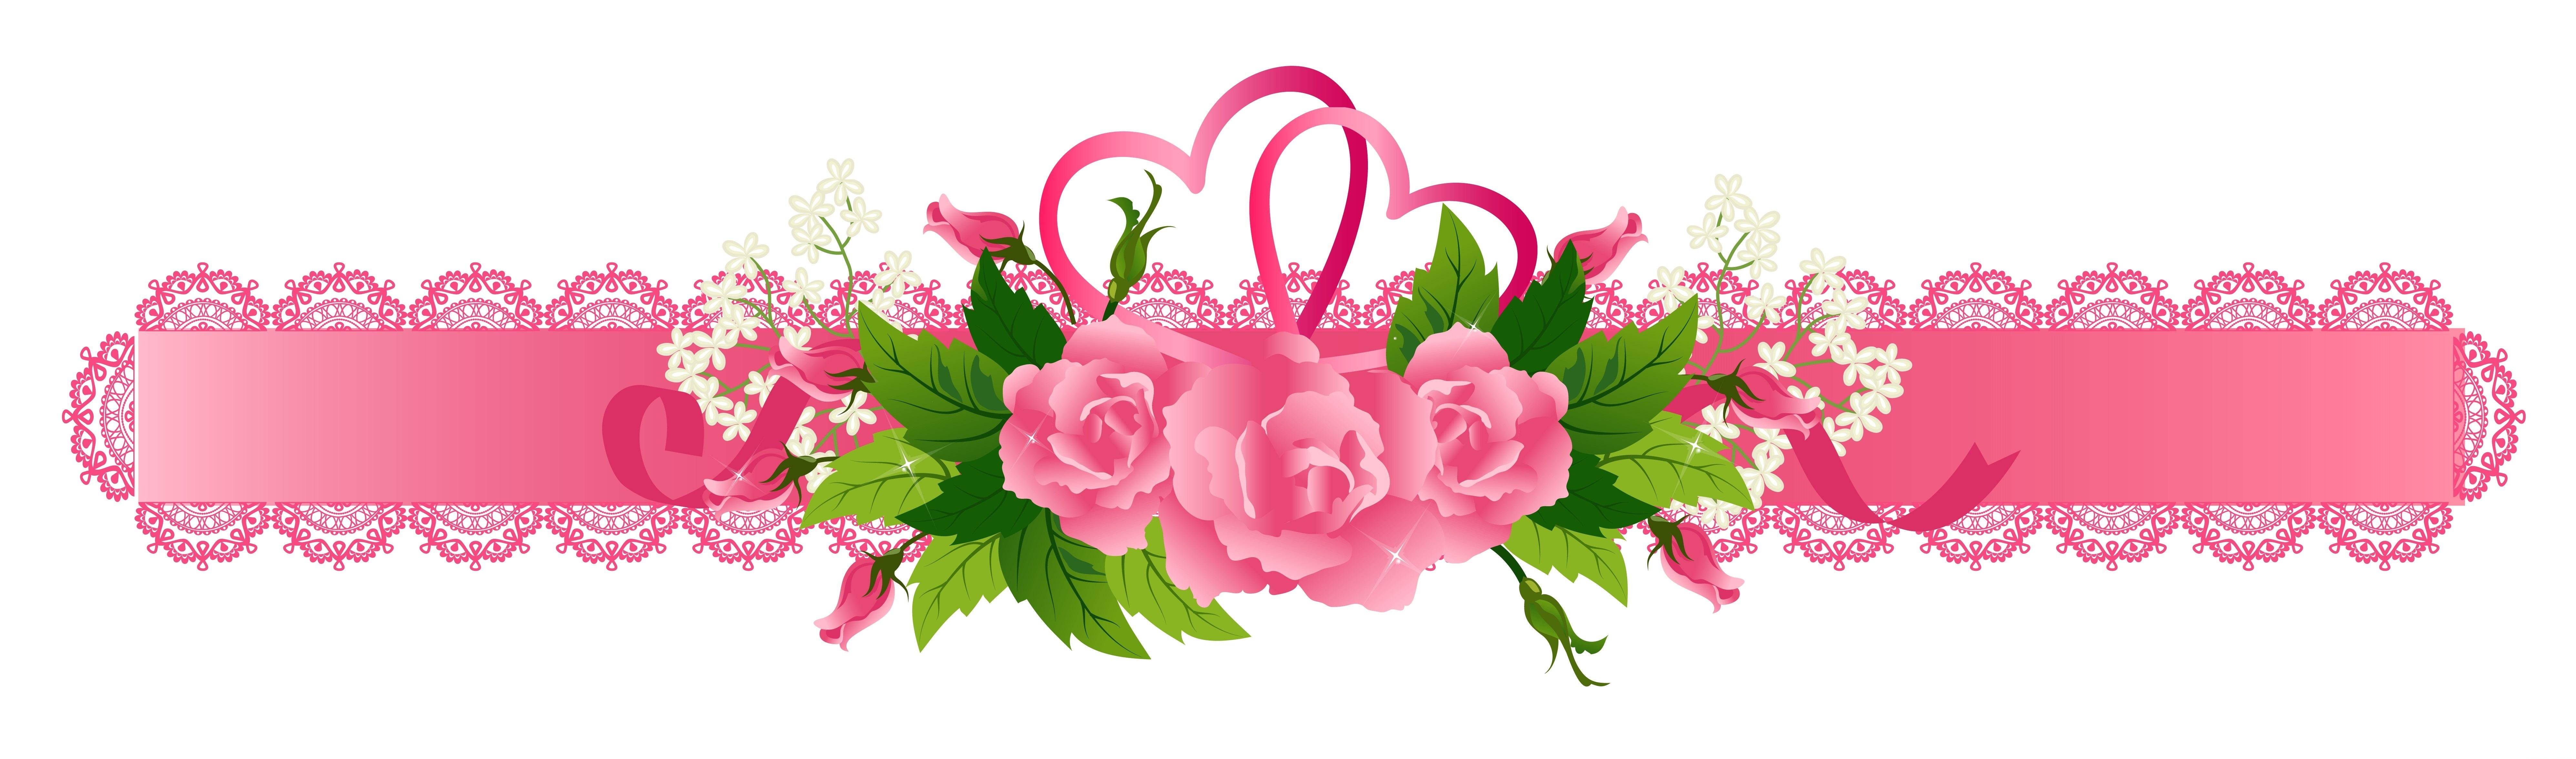 картинки полоски с цветочками брусникин талантливый человек